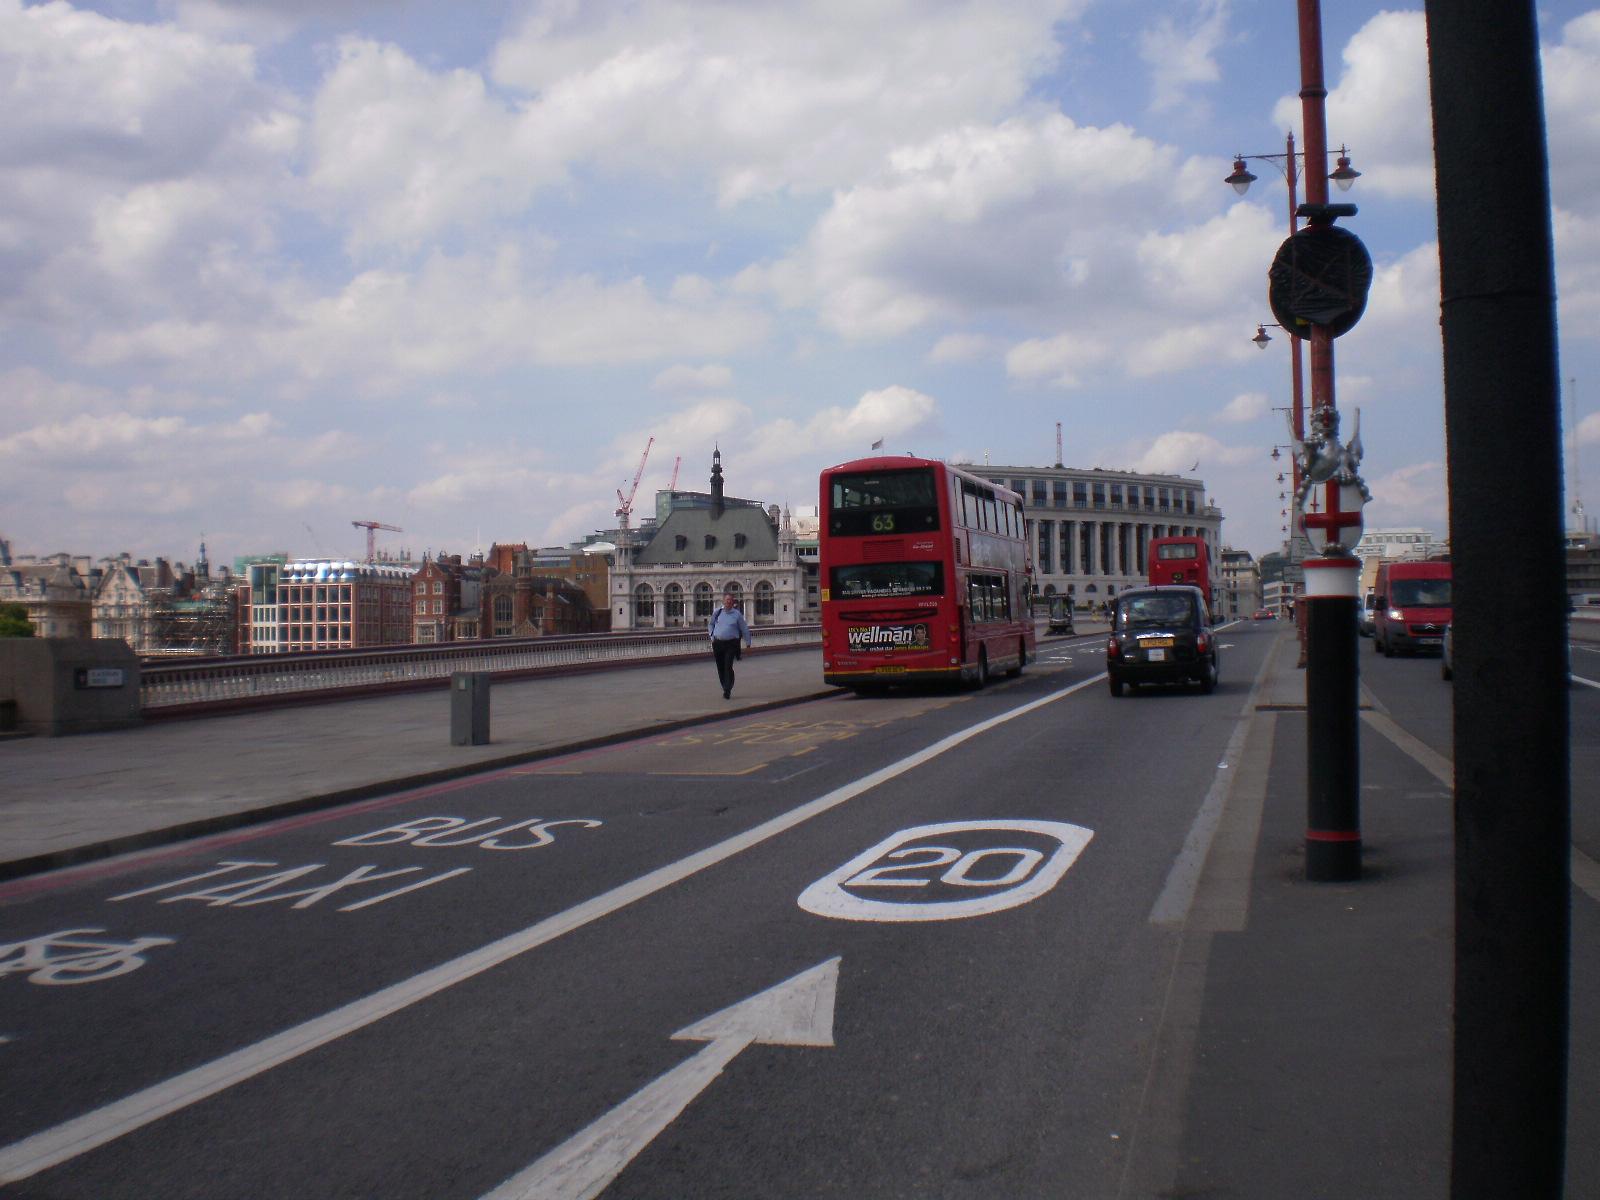 Blackfriars_Bridge_2.JPG